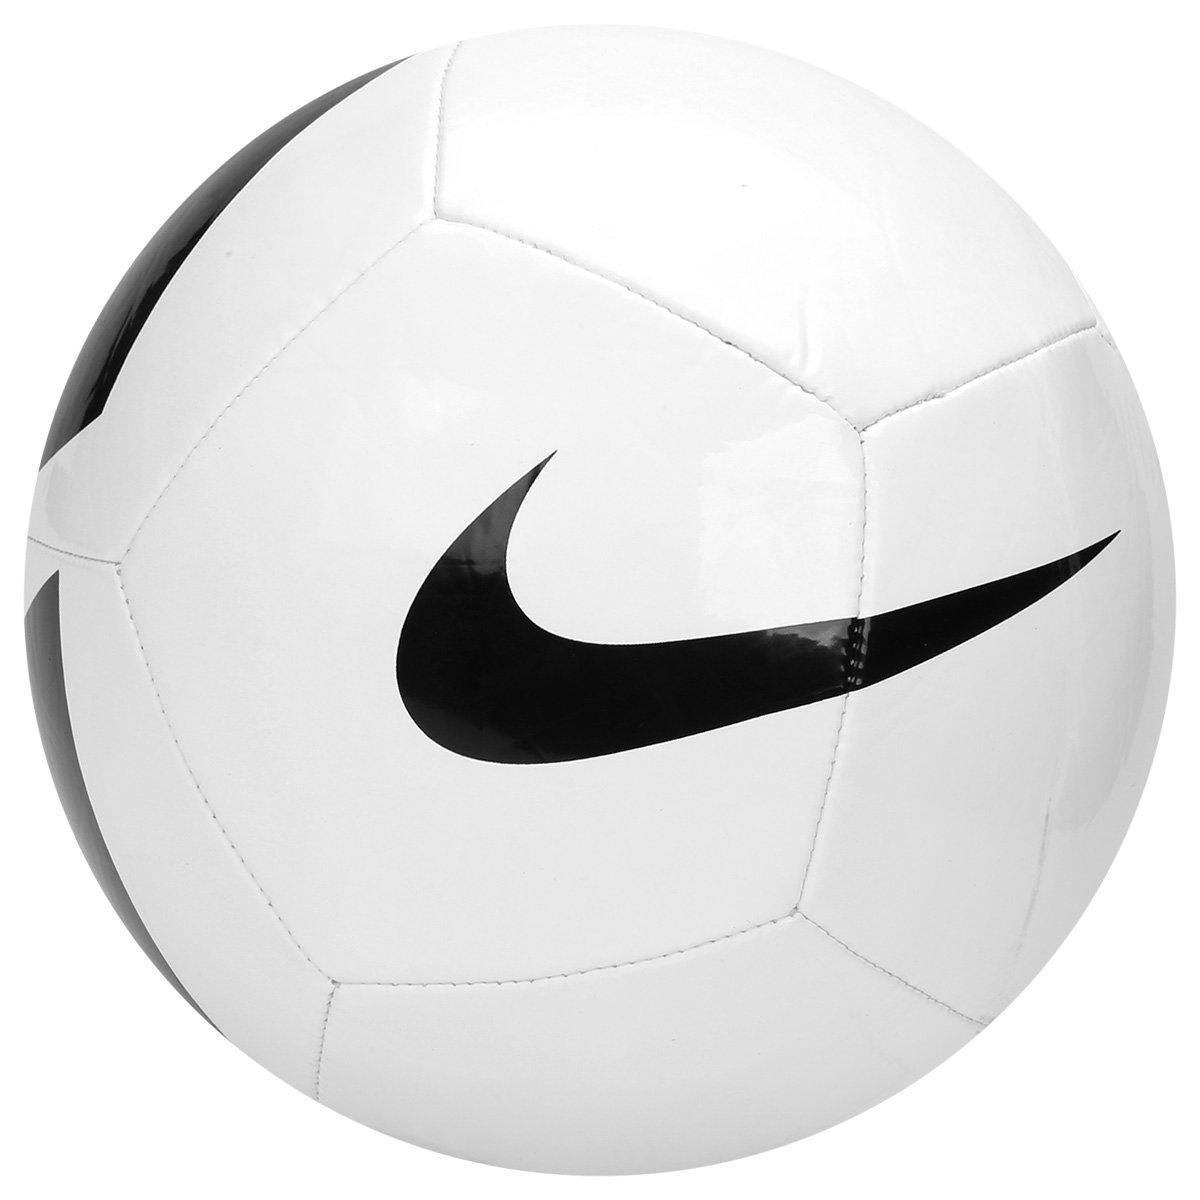 0ae82254eb407 Bola Futebol Campo Nike Pich Team - Branco e Preto - Compre Agora ...